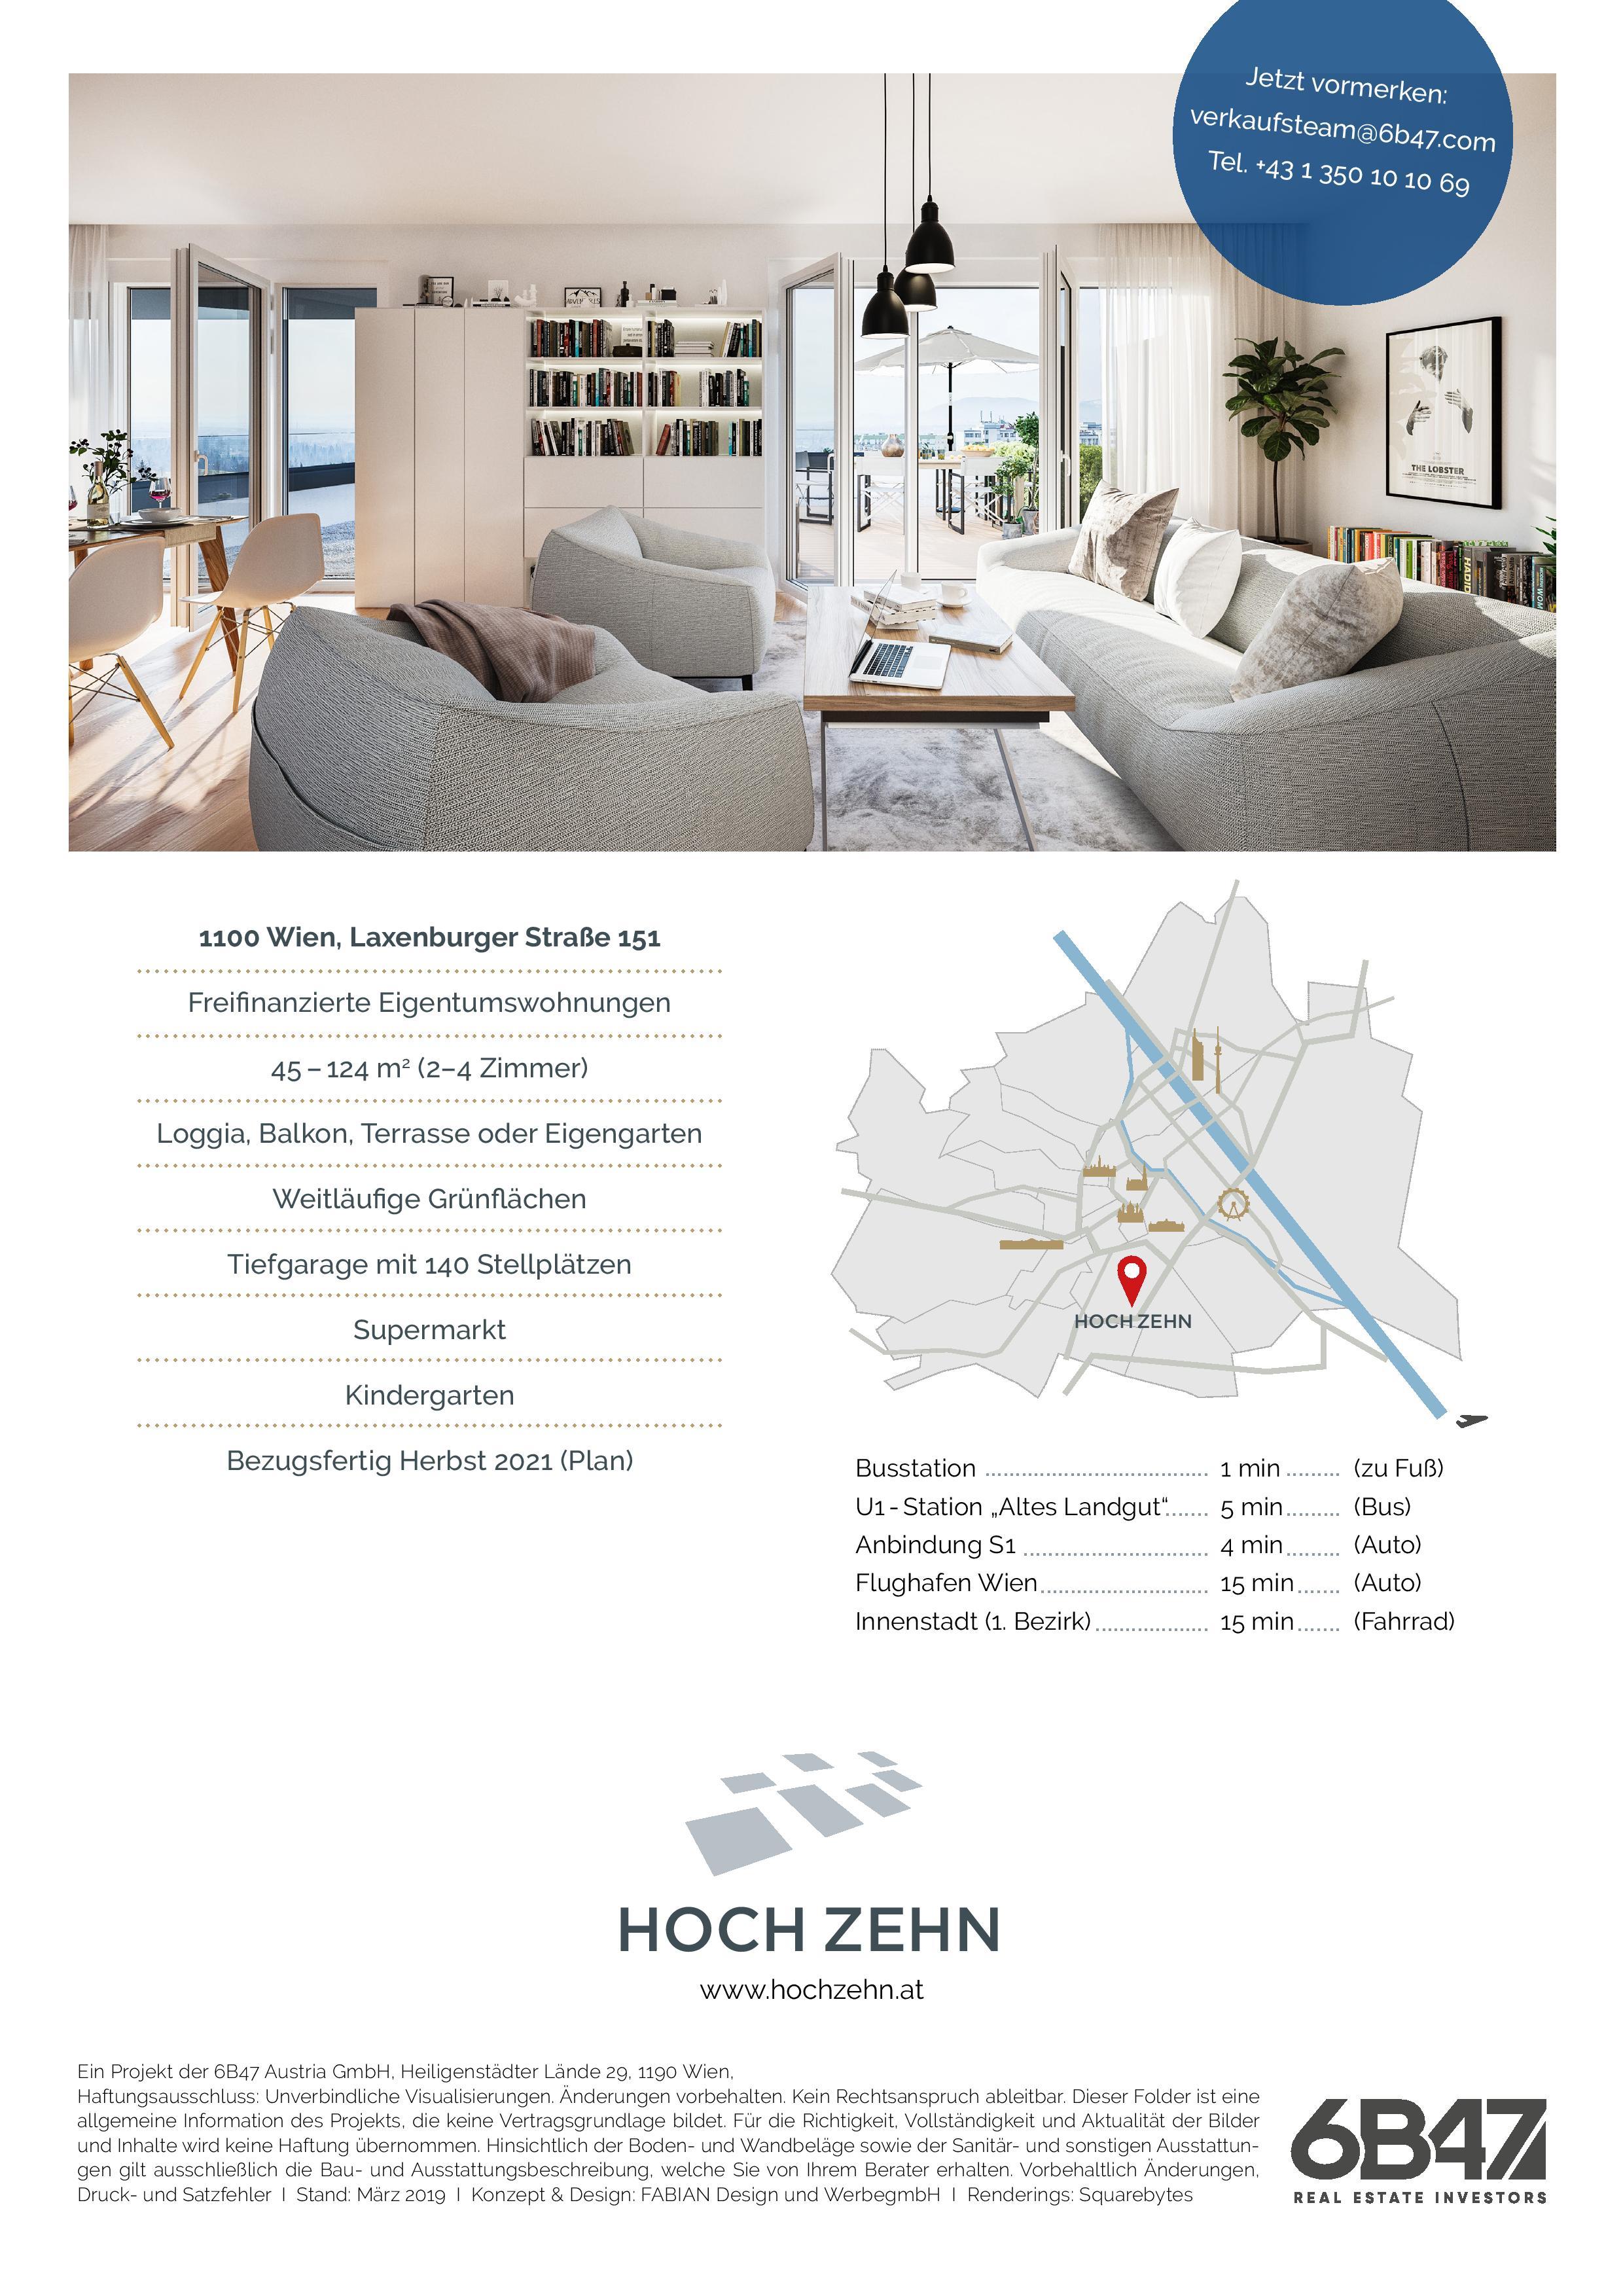 Wohnbauprojekt HOCH ZEHN